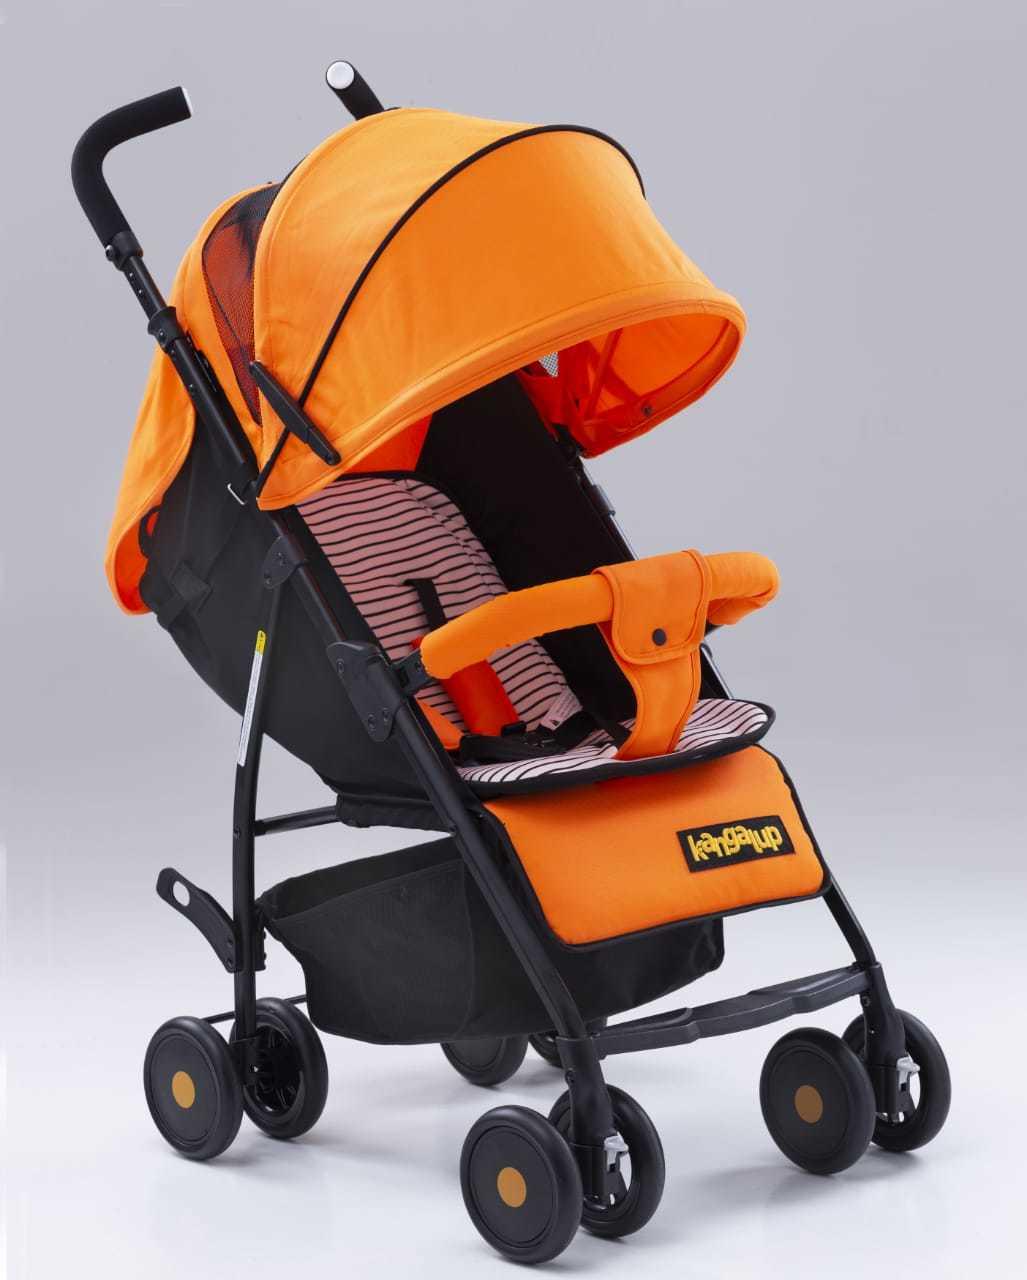 Carrinho de Bebê modelo x1 Laranja Kangalup